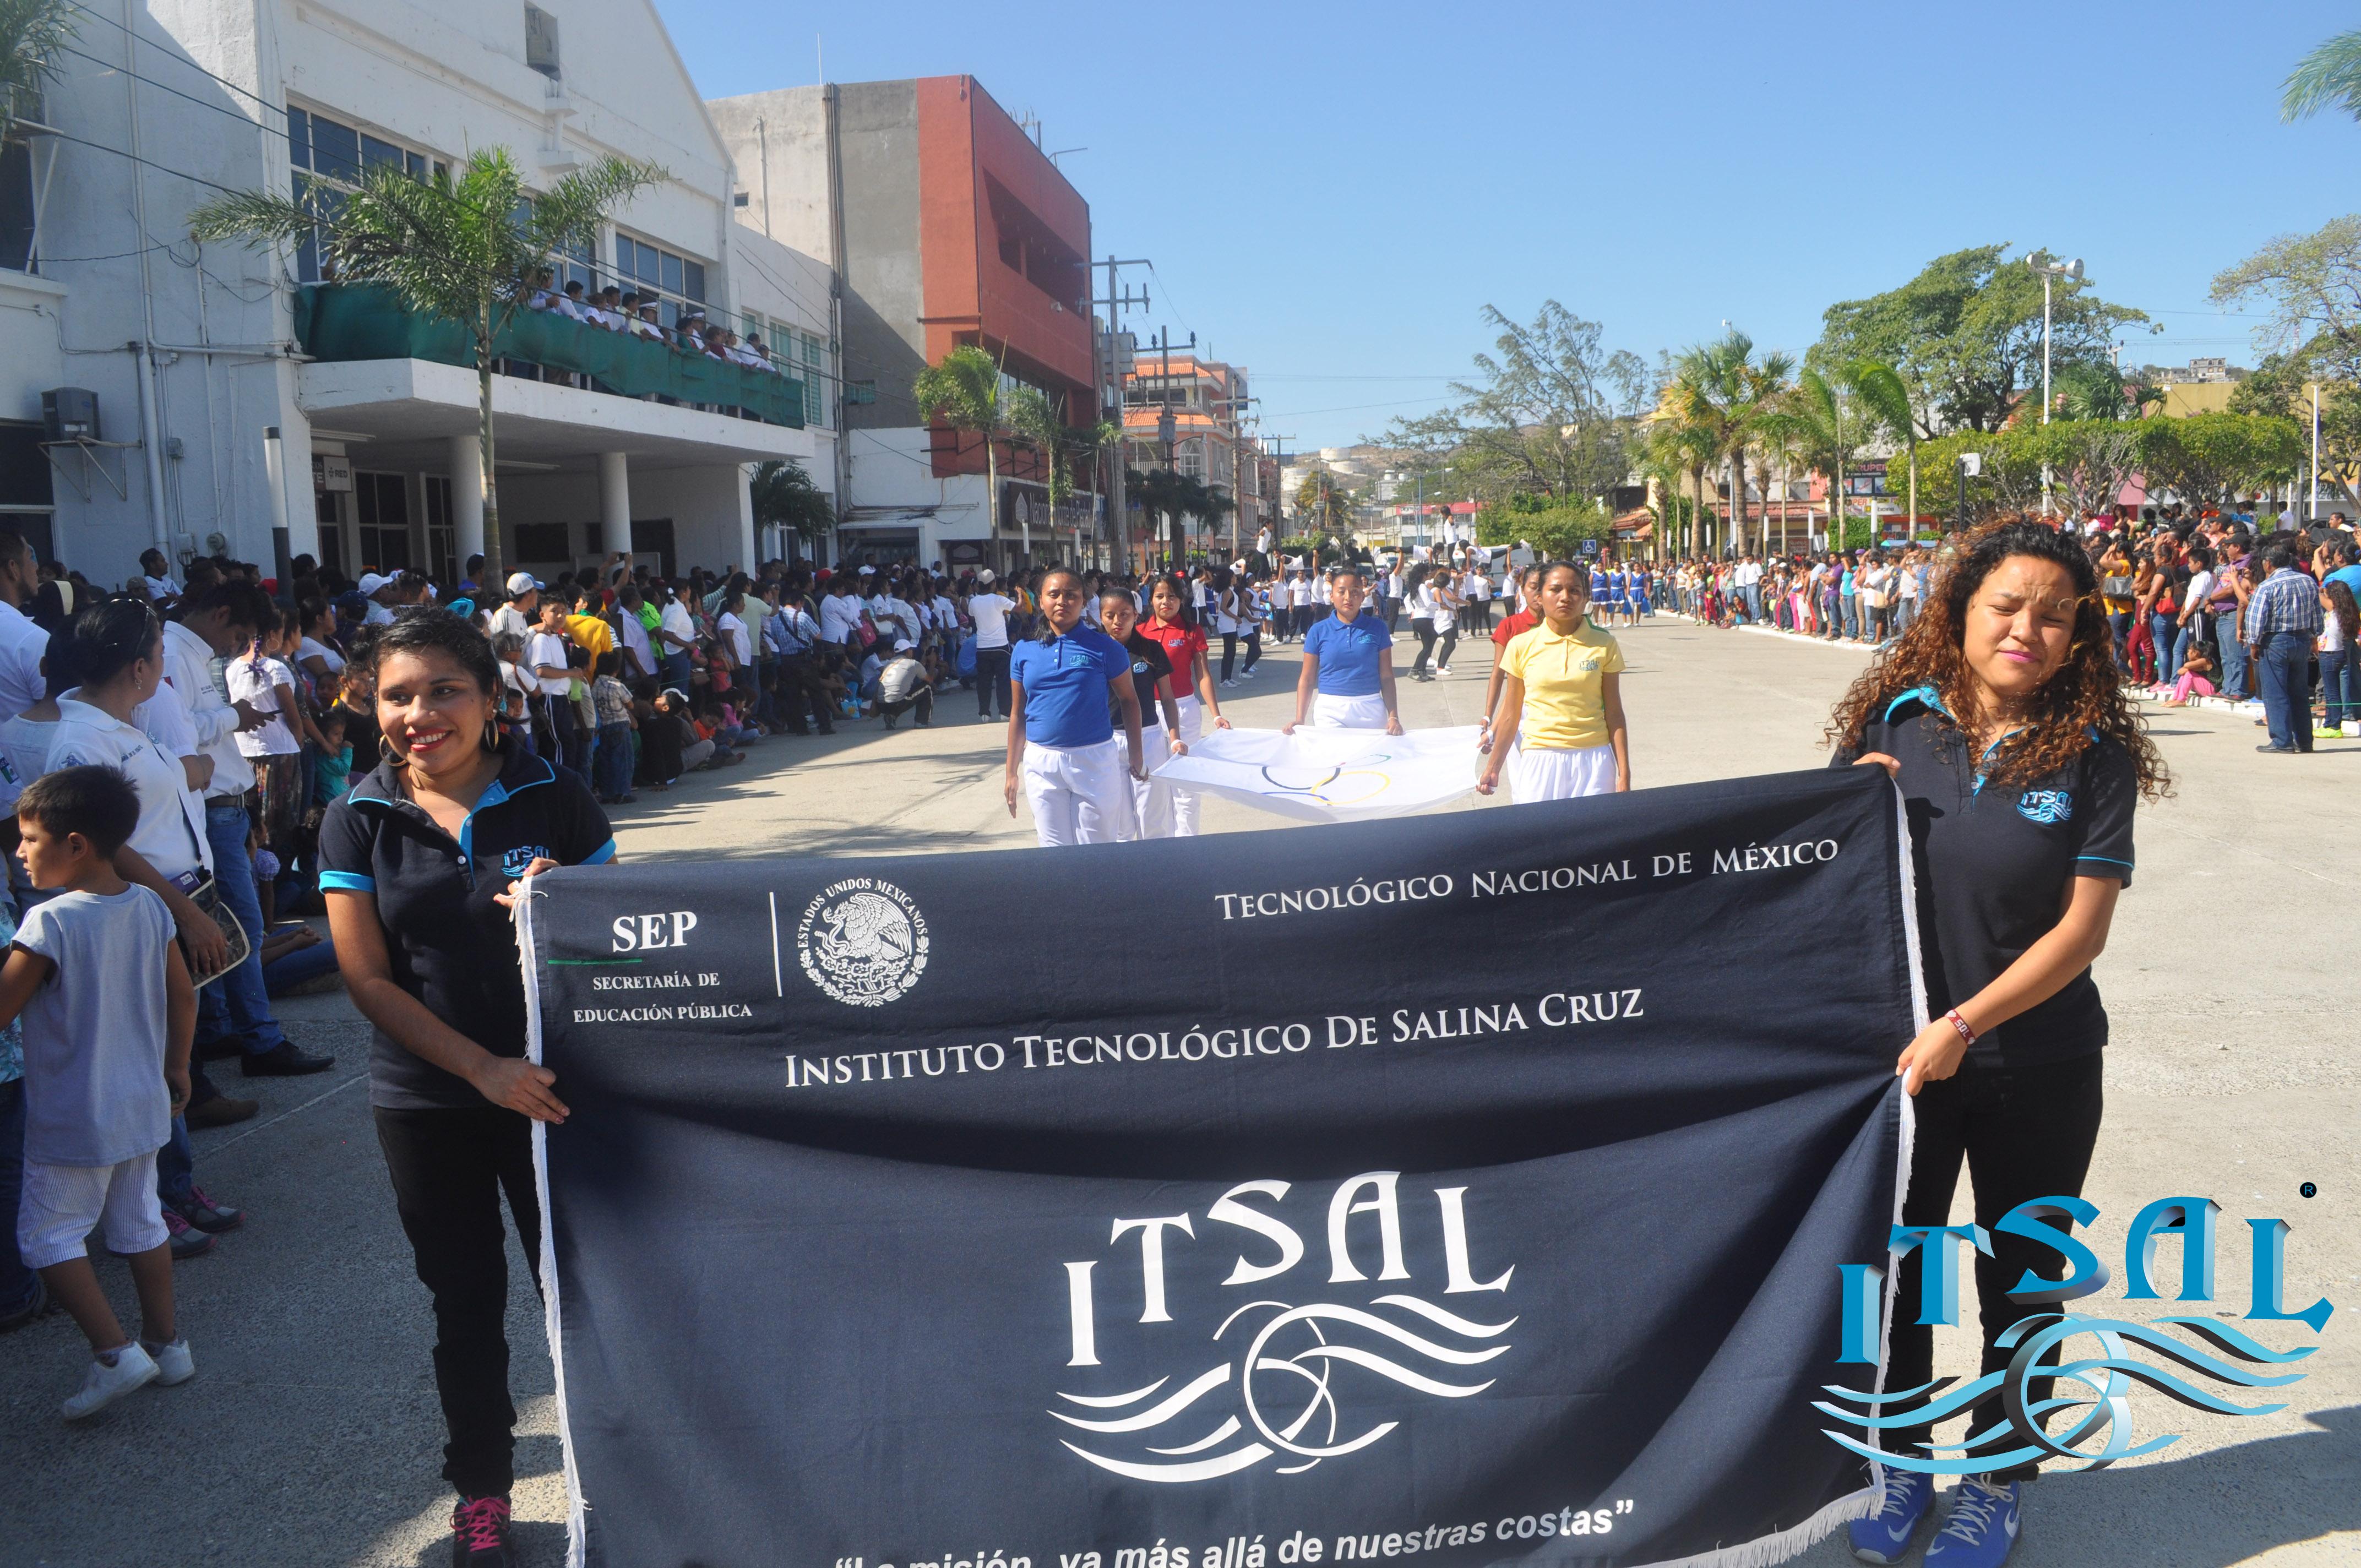 Gran participación del Instituto Tecnológico de Salina Cruz en el desfile del 20 de noviembre